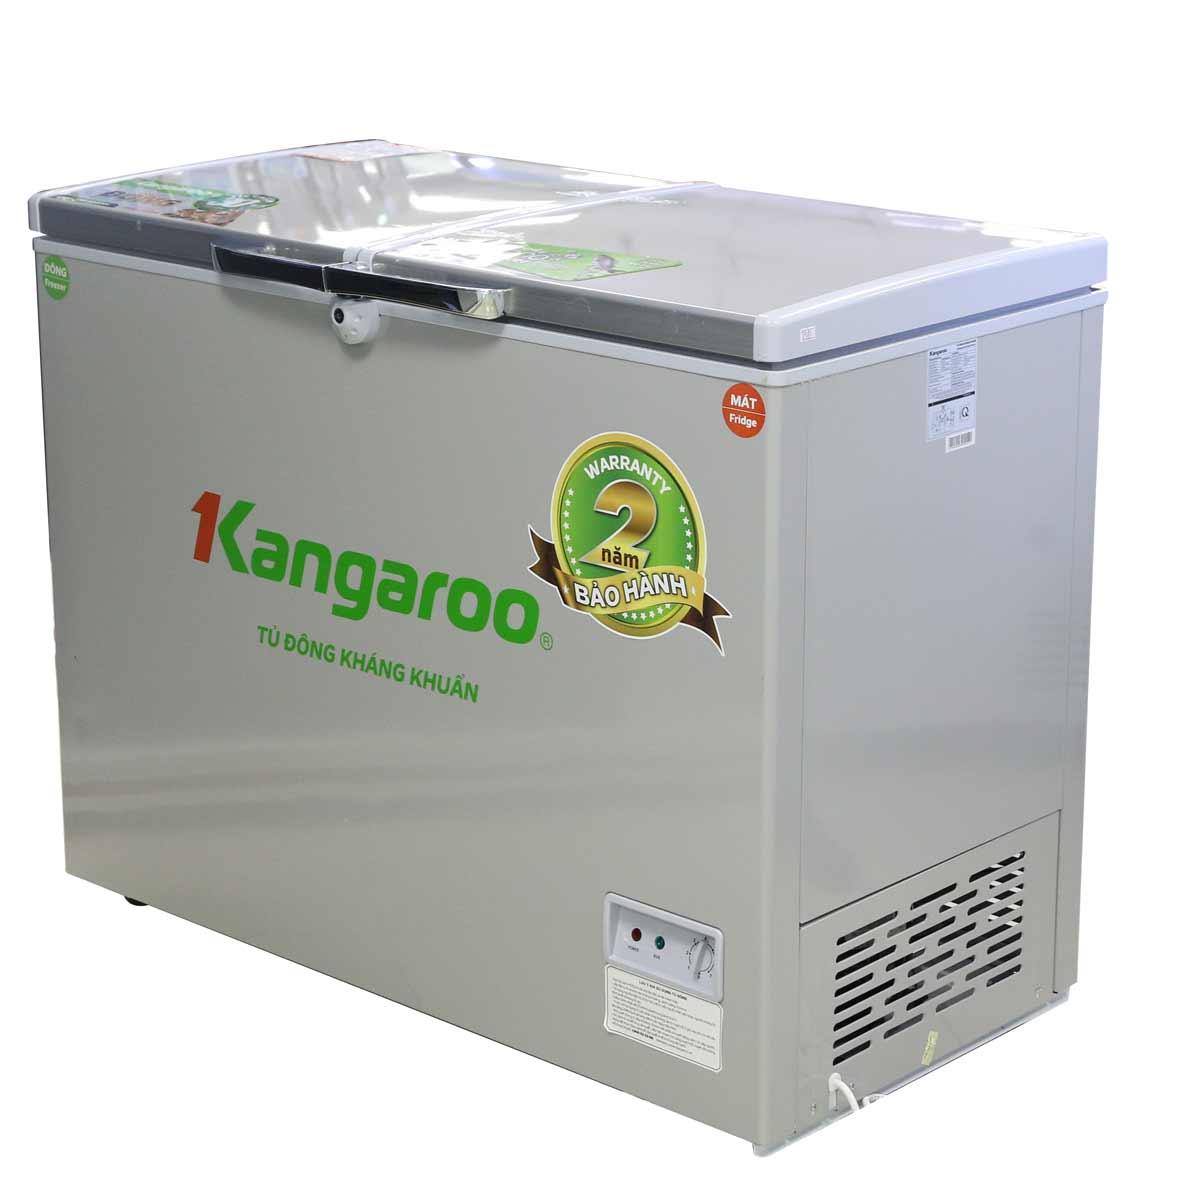 Tủ Đông Mát Kangaroo KG418VC2